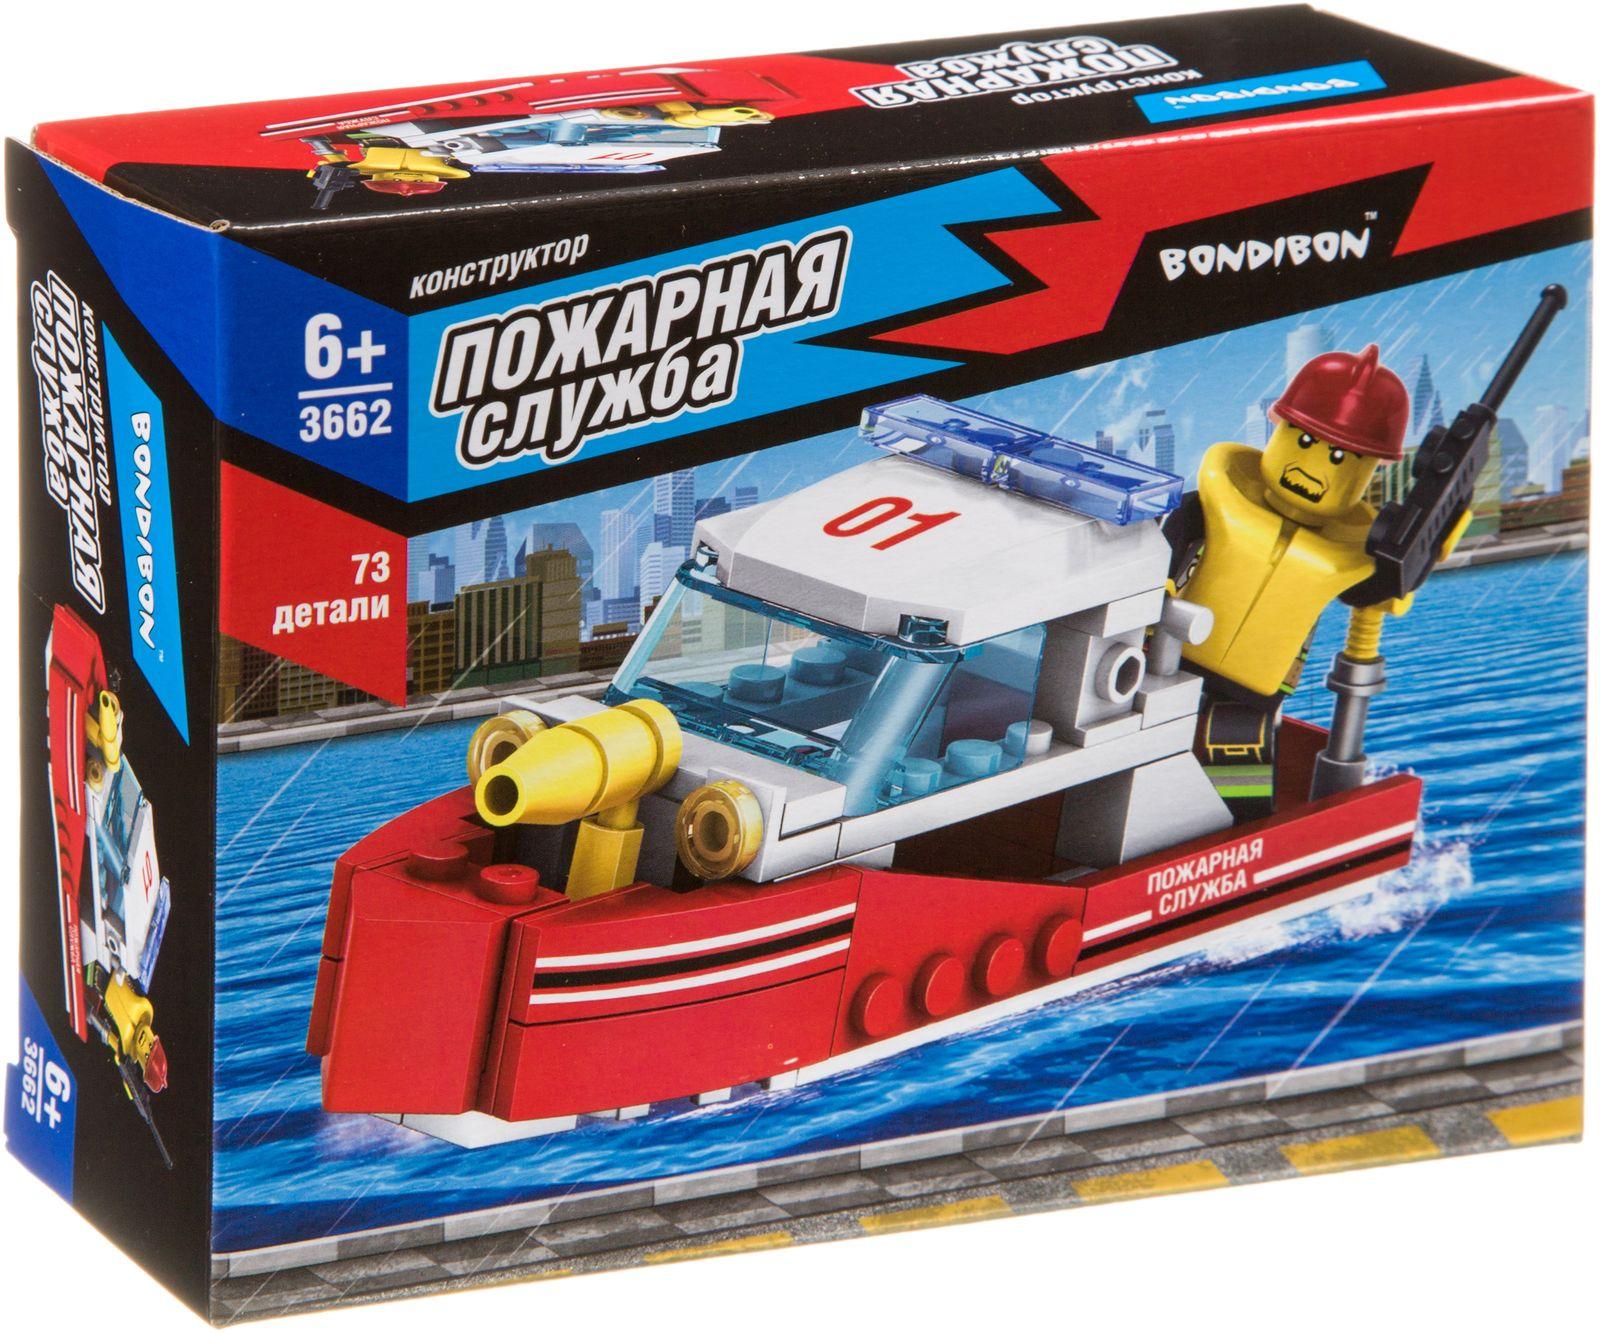 Пластиковый конструктор Bondibon Пожарная служба Катер